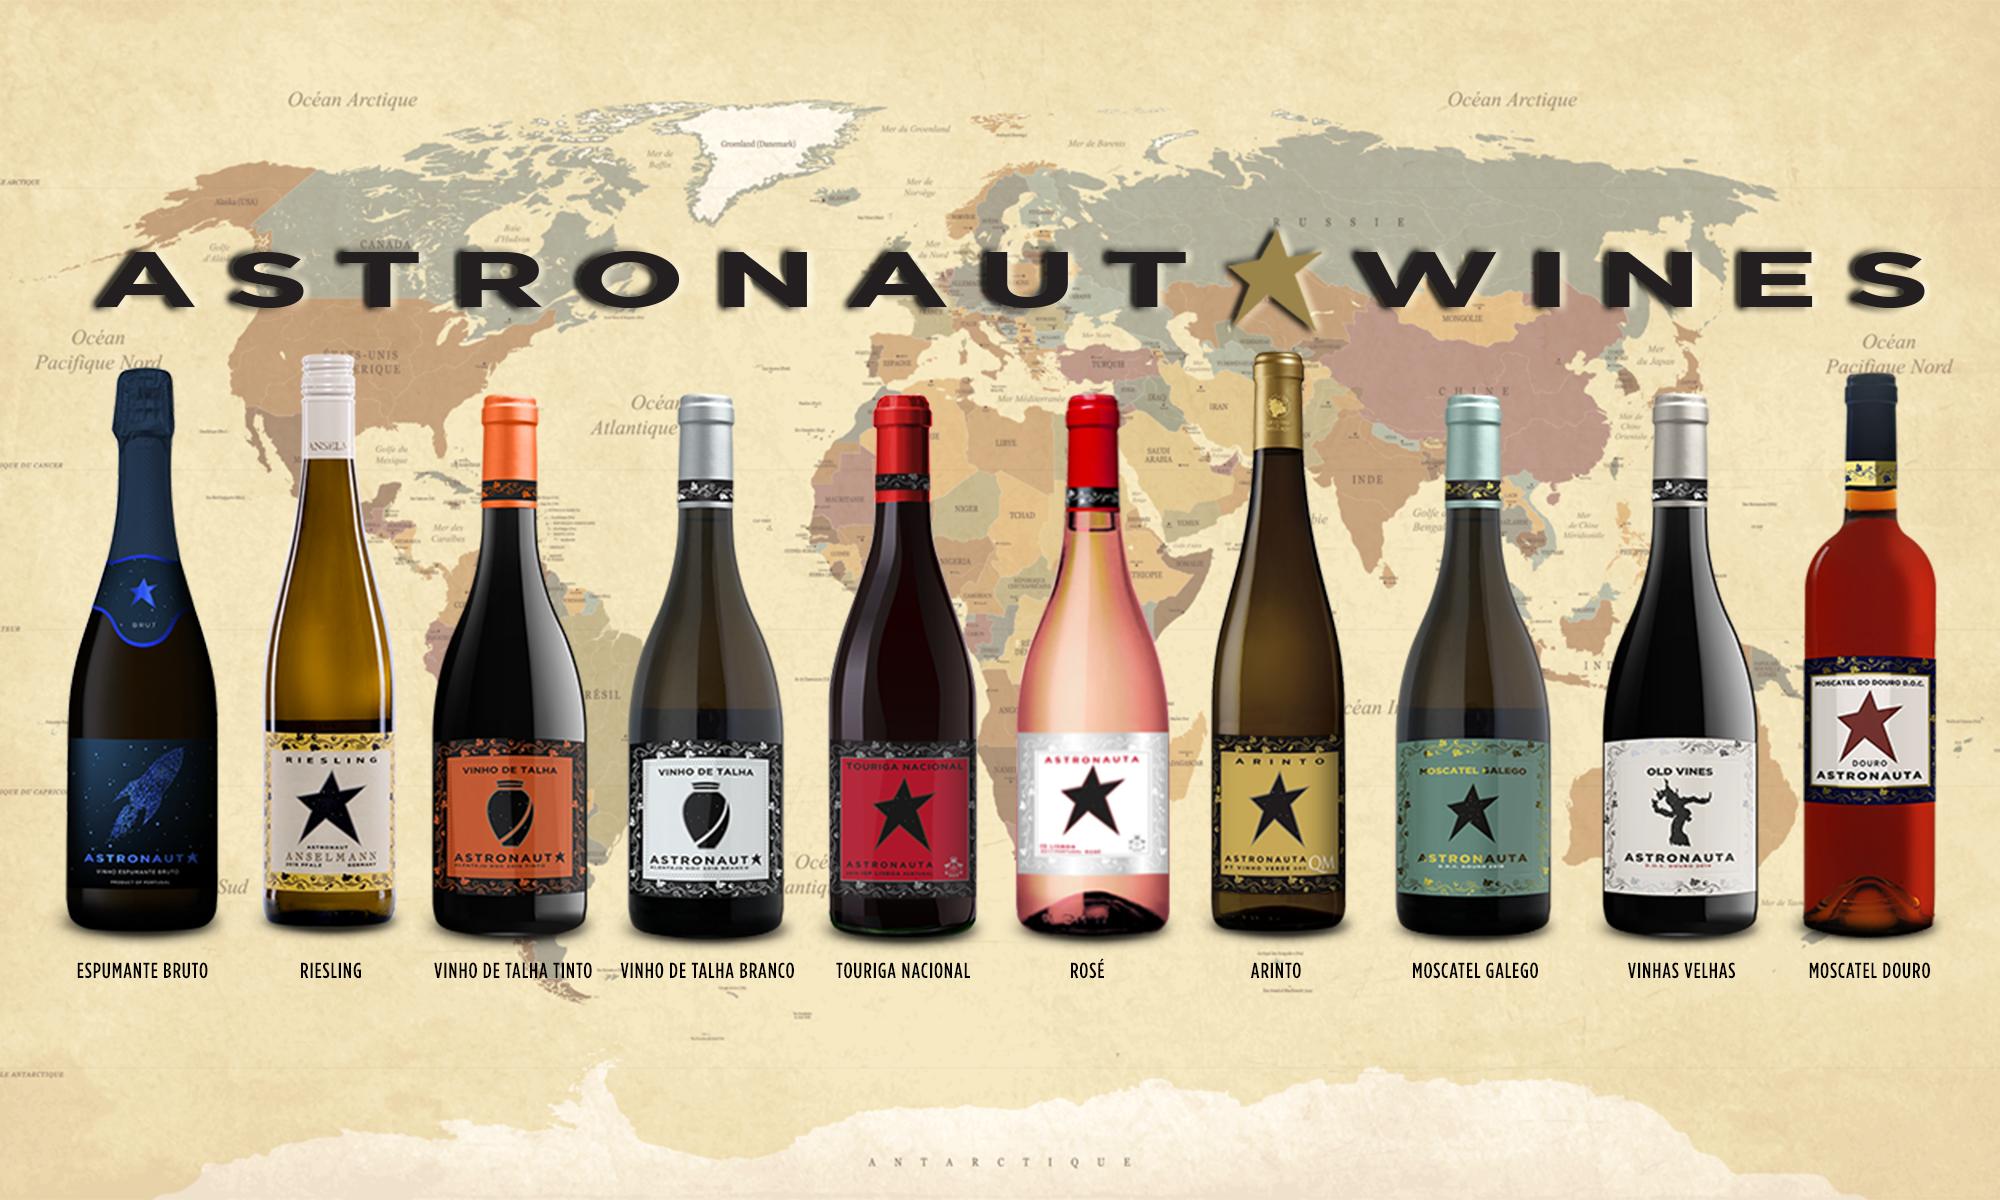 Astronaut Wines